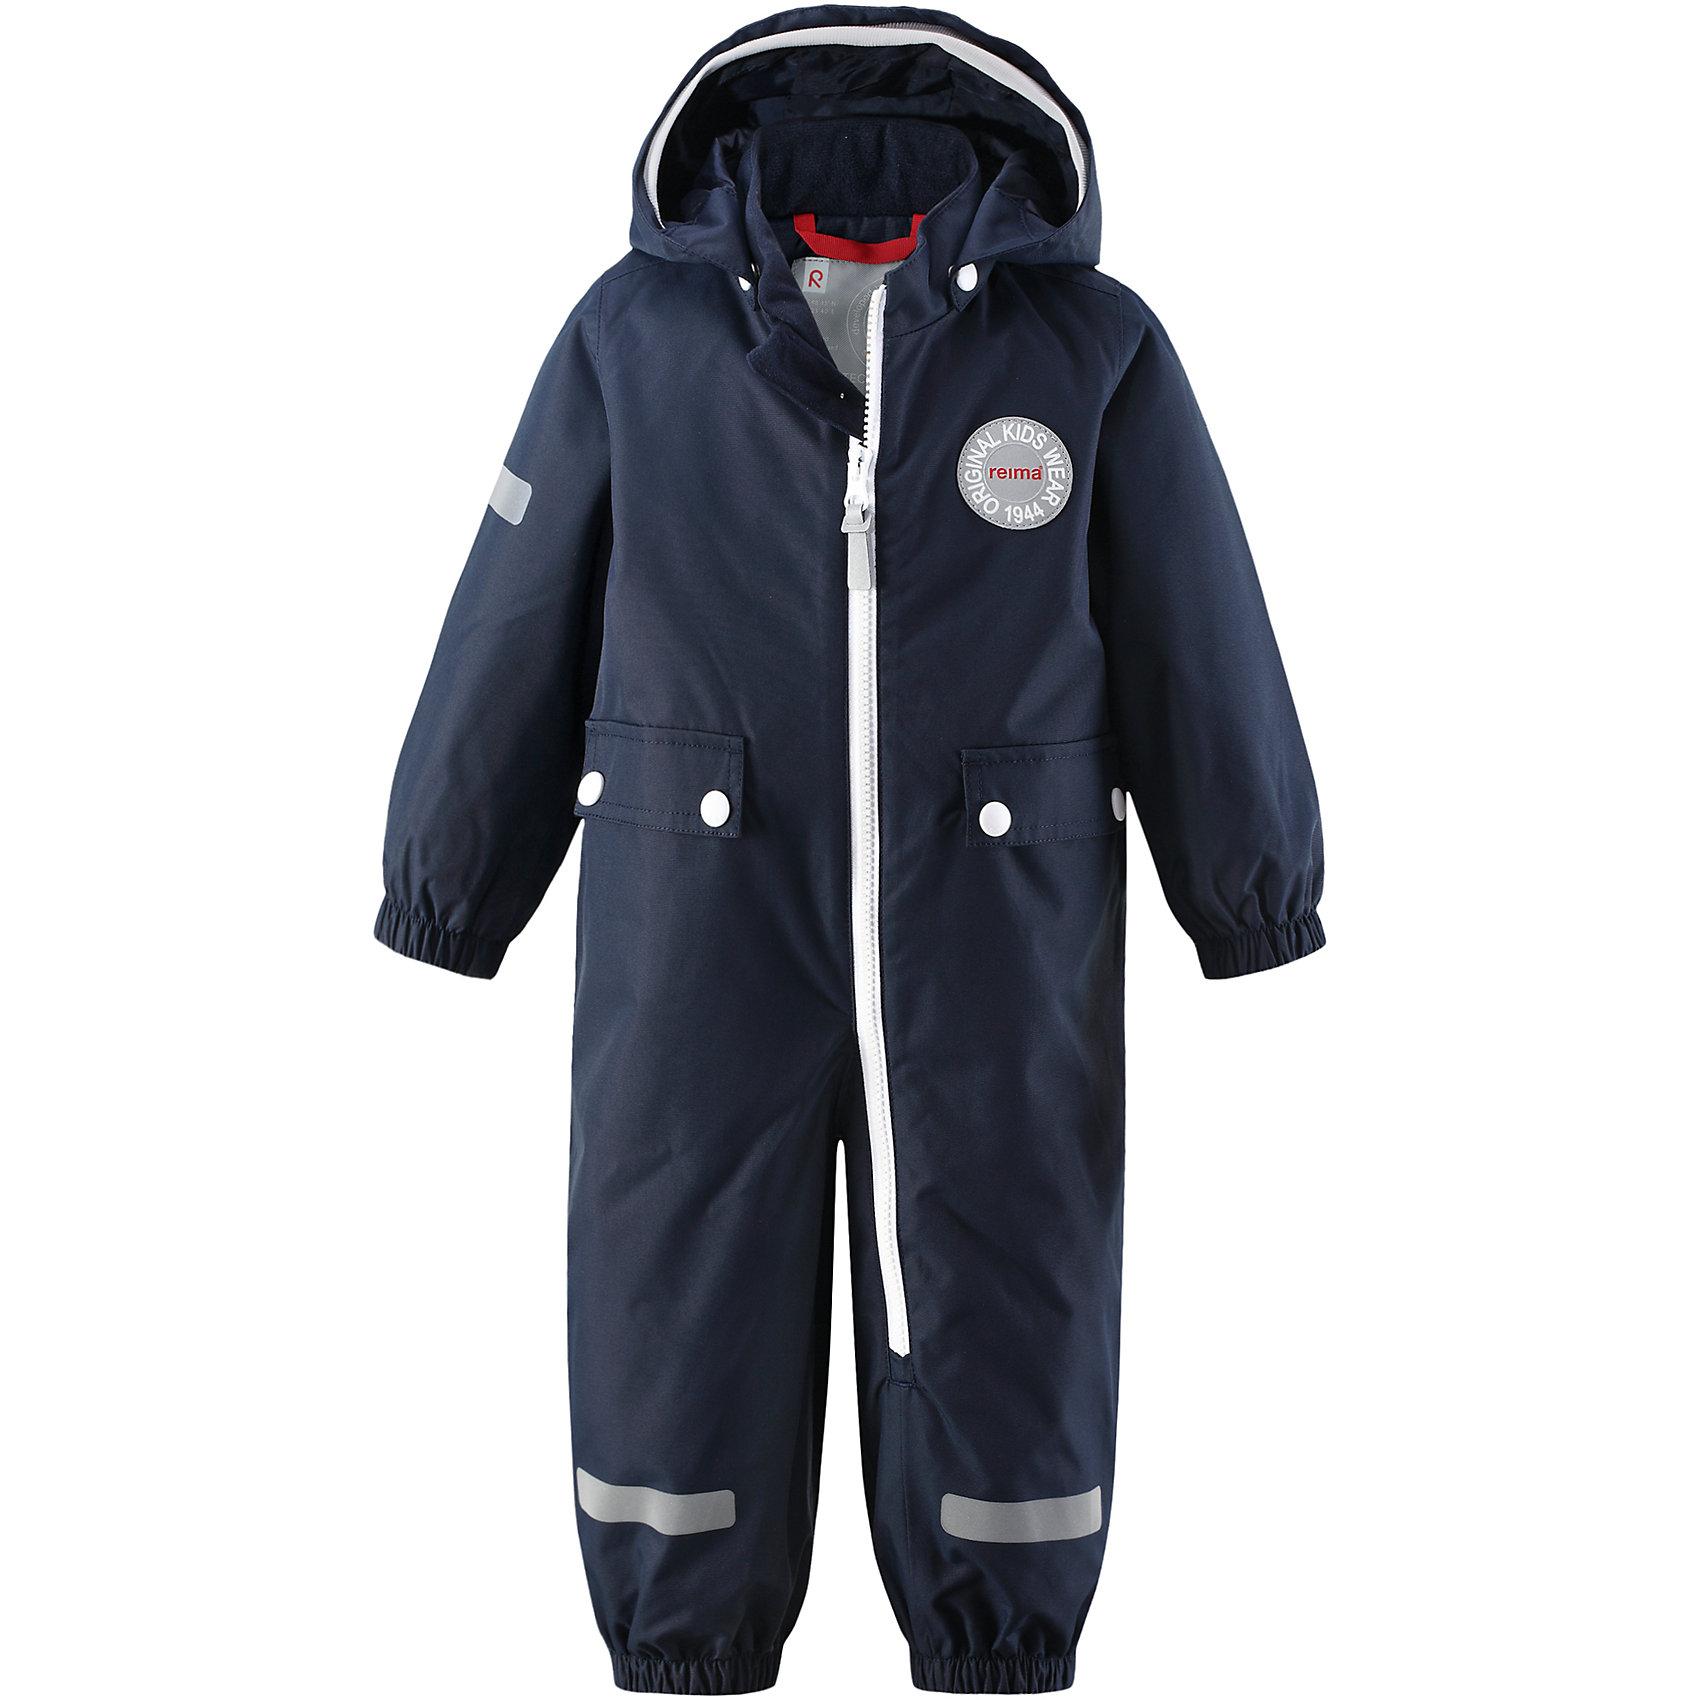 Комбинезон Fangsn для мальчика Reimatec® ReimaВерхняя одежда<br>Характеристики товара:<br><br>• цвет: темно-синий<br>• состав: 100% полиэстер, полиуретановое покрытие<br>• температурный режим: от +5° до +15°С<br>• водонепроницаемость: 8000 мм<br>• воздухопроницаемость: 5000 мм<br>• износостойкость: 30000 циклов (тест Мартиндейла)<br>• без утеплителя<br>• швы проклеены, водонепроницаемы<br>• водо- и ветронепроницаемый, дышащий, грязеотталкивающий материал<br>• гладкая подкладка из полиэстера<br>• безопасный съёмный капюшон<br>• мягка резинка по краю капюшона<br>• эластичные манжеты<br>• талия регулируется изнутри<br>• эластичные манжеты на брючинах<br>• съёмные эластичные штрипки<br>• длинная застёжка на молнии облегчает надевание<br>• два накладных кармана<br>• комфортная посадка<br>• страна производства: Китай<br>• страна бренда: Финляндия<br>• коллекция: весна-лето 2017<br><br>Верхняя одежда для детей может быть модной и комфортной одновременно! Демисезонный комбинезон поможет обеспечить ребенку комфорт и тепло. Он отлично смотрится с различной обувью. Изделие удобно сидит и модно выглядит. Материал - прочный, хорошо подходящий для межсезонья, водо- и ветронепроницаемый, «дышащий». Стильный дизайн разрабатывался специально для детей.<br><br>Одежда и обувь от финского бренда Reima пользуется популярностью во многих странах. Эти изделия стильные, качественные и удобные. Для производства продукции используются только безопасные, проверенные материалы и фурнитура. Порадуйте ребенка модными и красивыми вещами от Reima! <br><br>Комбинезон Reimatec® от финского бренда Reima (Рейма) можно купить в нашем интернет-магазине.<br><br>Ширина мм: 356<br>Глубина мм: 10<br>Высота мм: 245<br>Вес г: 519<br>Цвет: синий<br>Возраст от месяцев: 6<br>Возраст до месяцев: 9<br>Пол: Мужской<br>Возраст: Детский<br>Размер: 74,80,86,92,98<br>SKU: 5265670